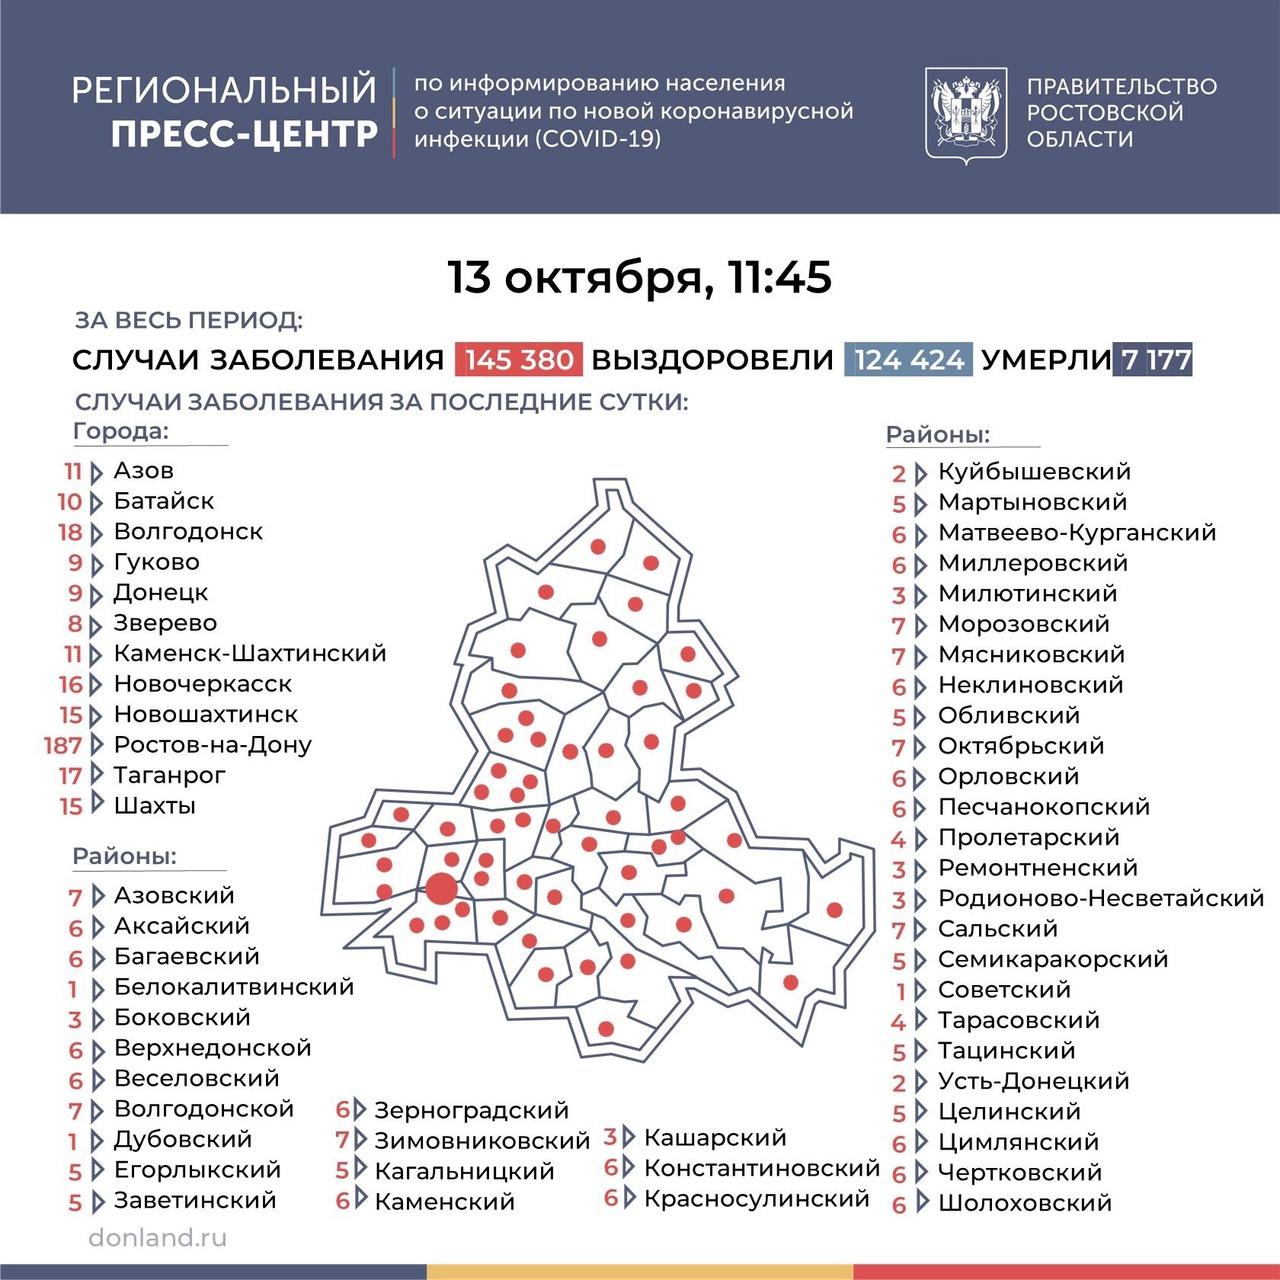 На Дону число инфицированных COVID-19 составляет 541, в Таганроге 17 новых случаев